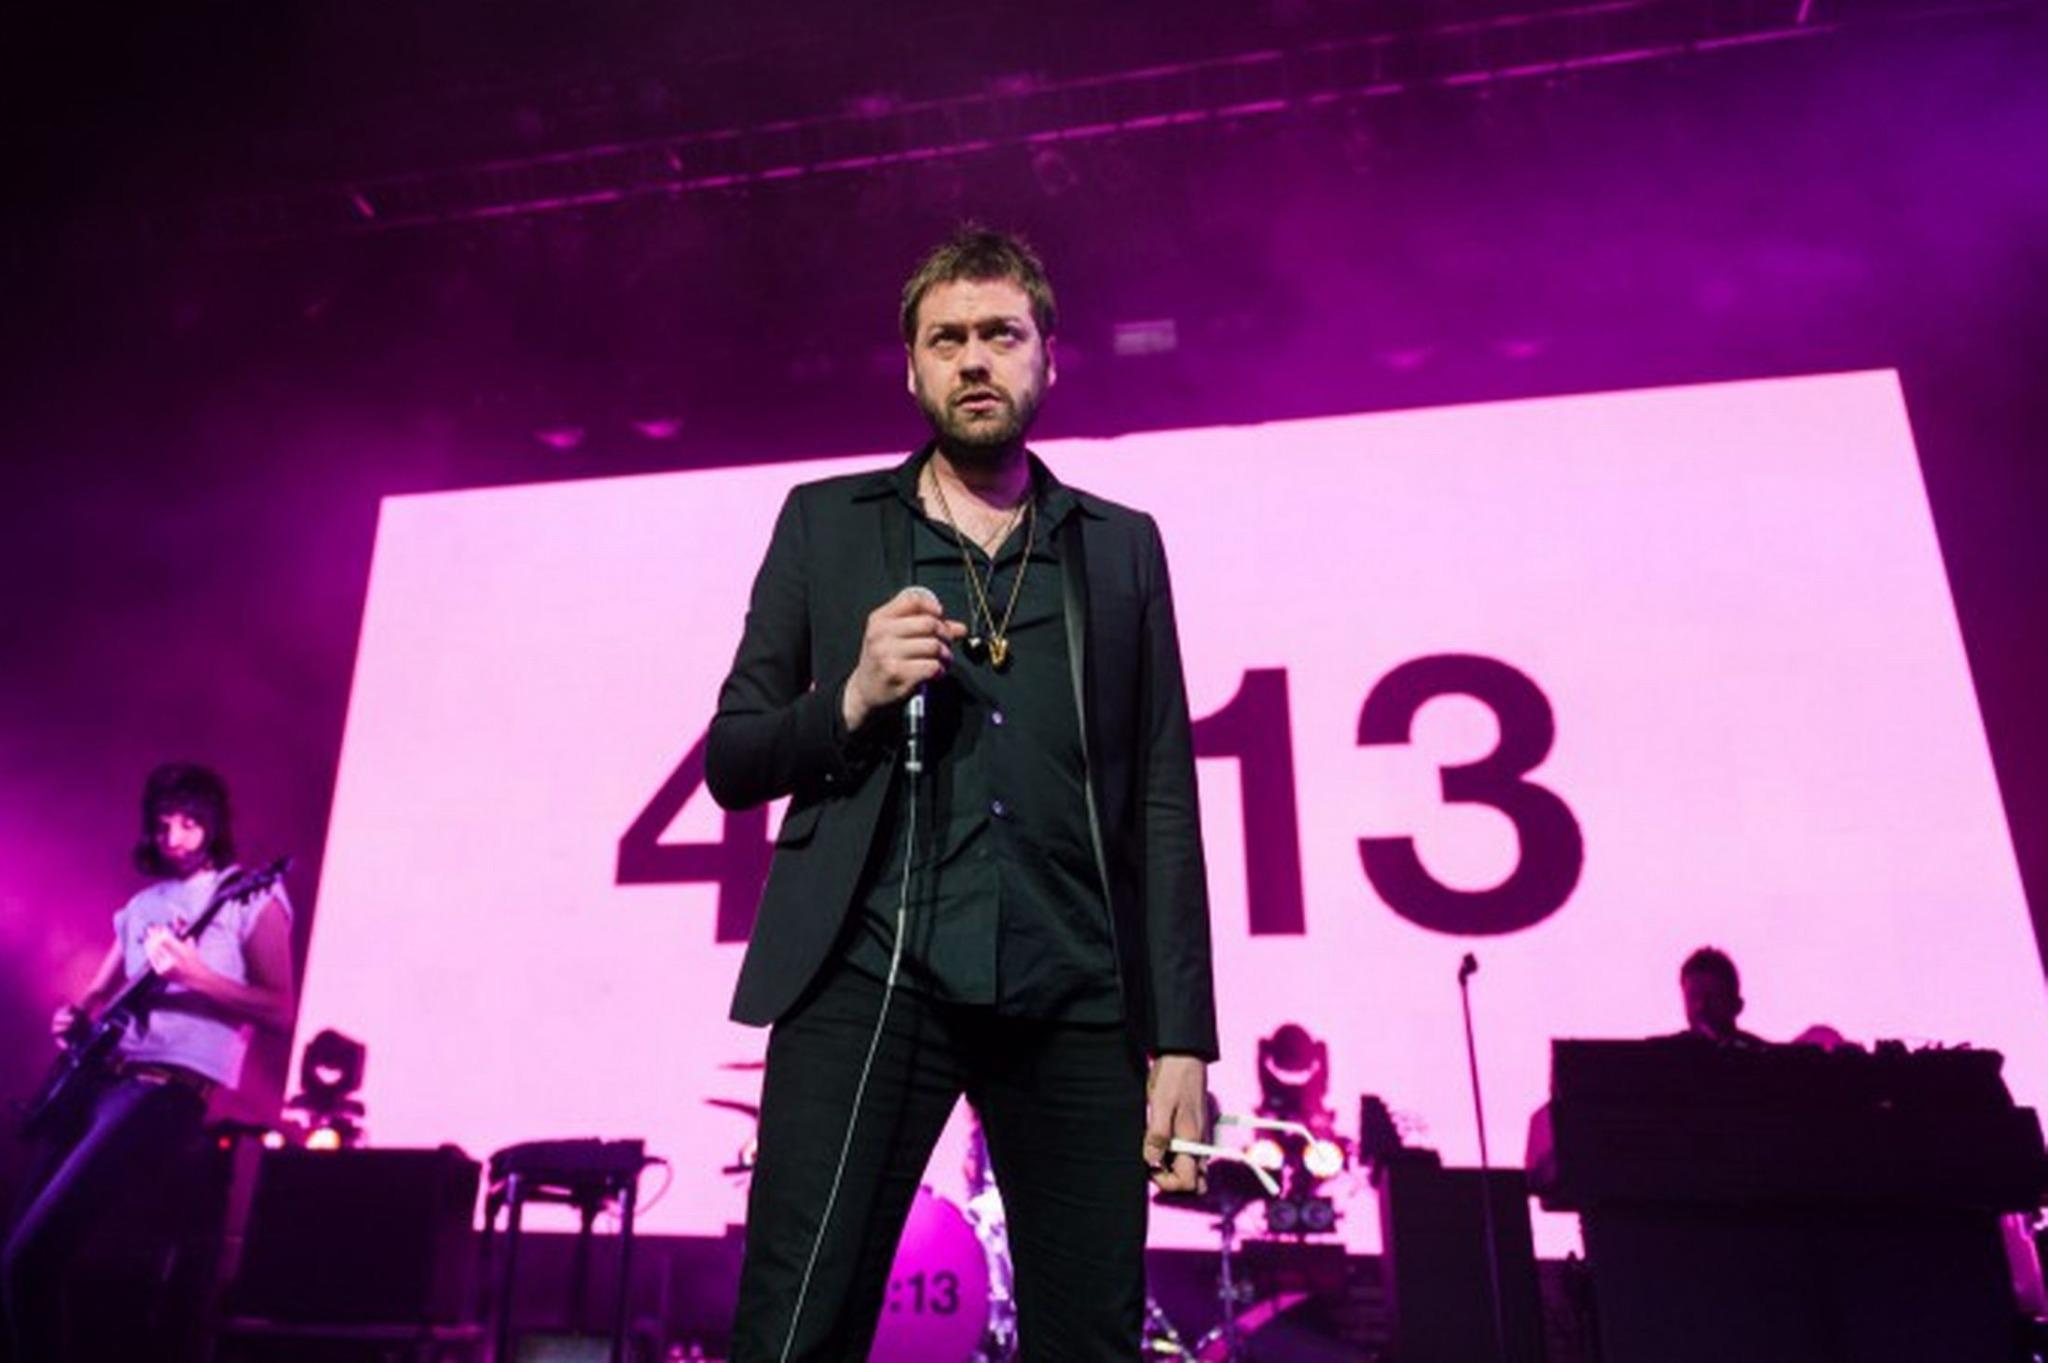 Tom Meighan, vocalista de Kasabian, cumple 34 años. Happy birthday!